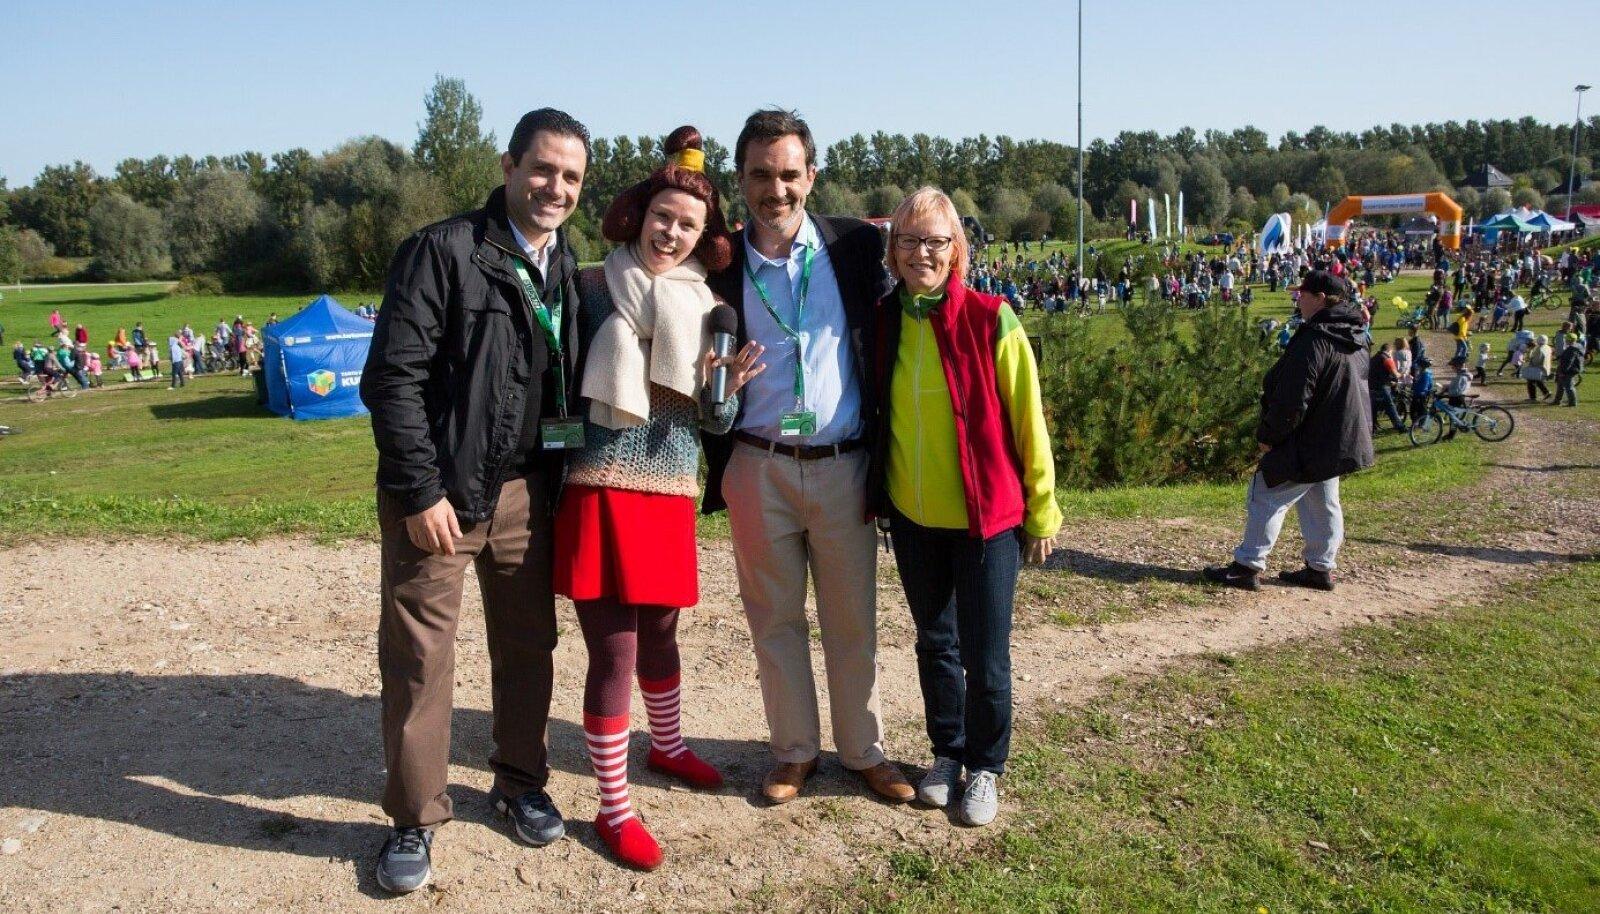 Tiina Möll Euroopa Spordinädala avamisel 2017 Tartus koos Eriolümpia Euroopa/Euraasia presidendi David Evangelistaga (vasakul).